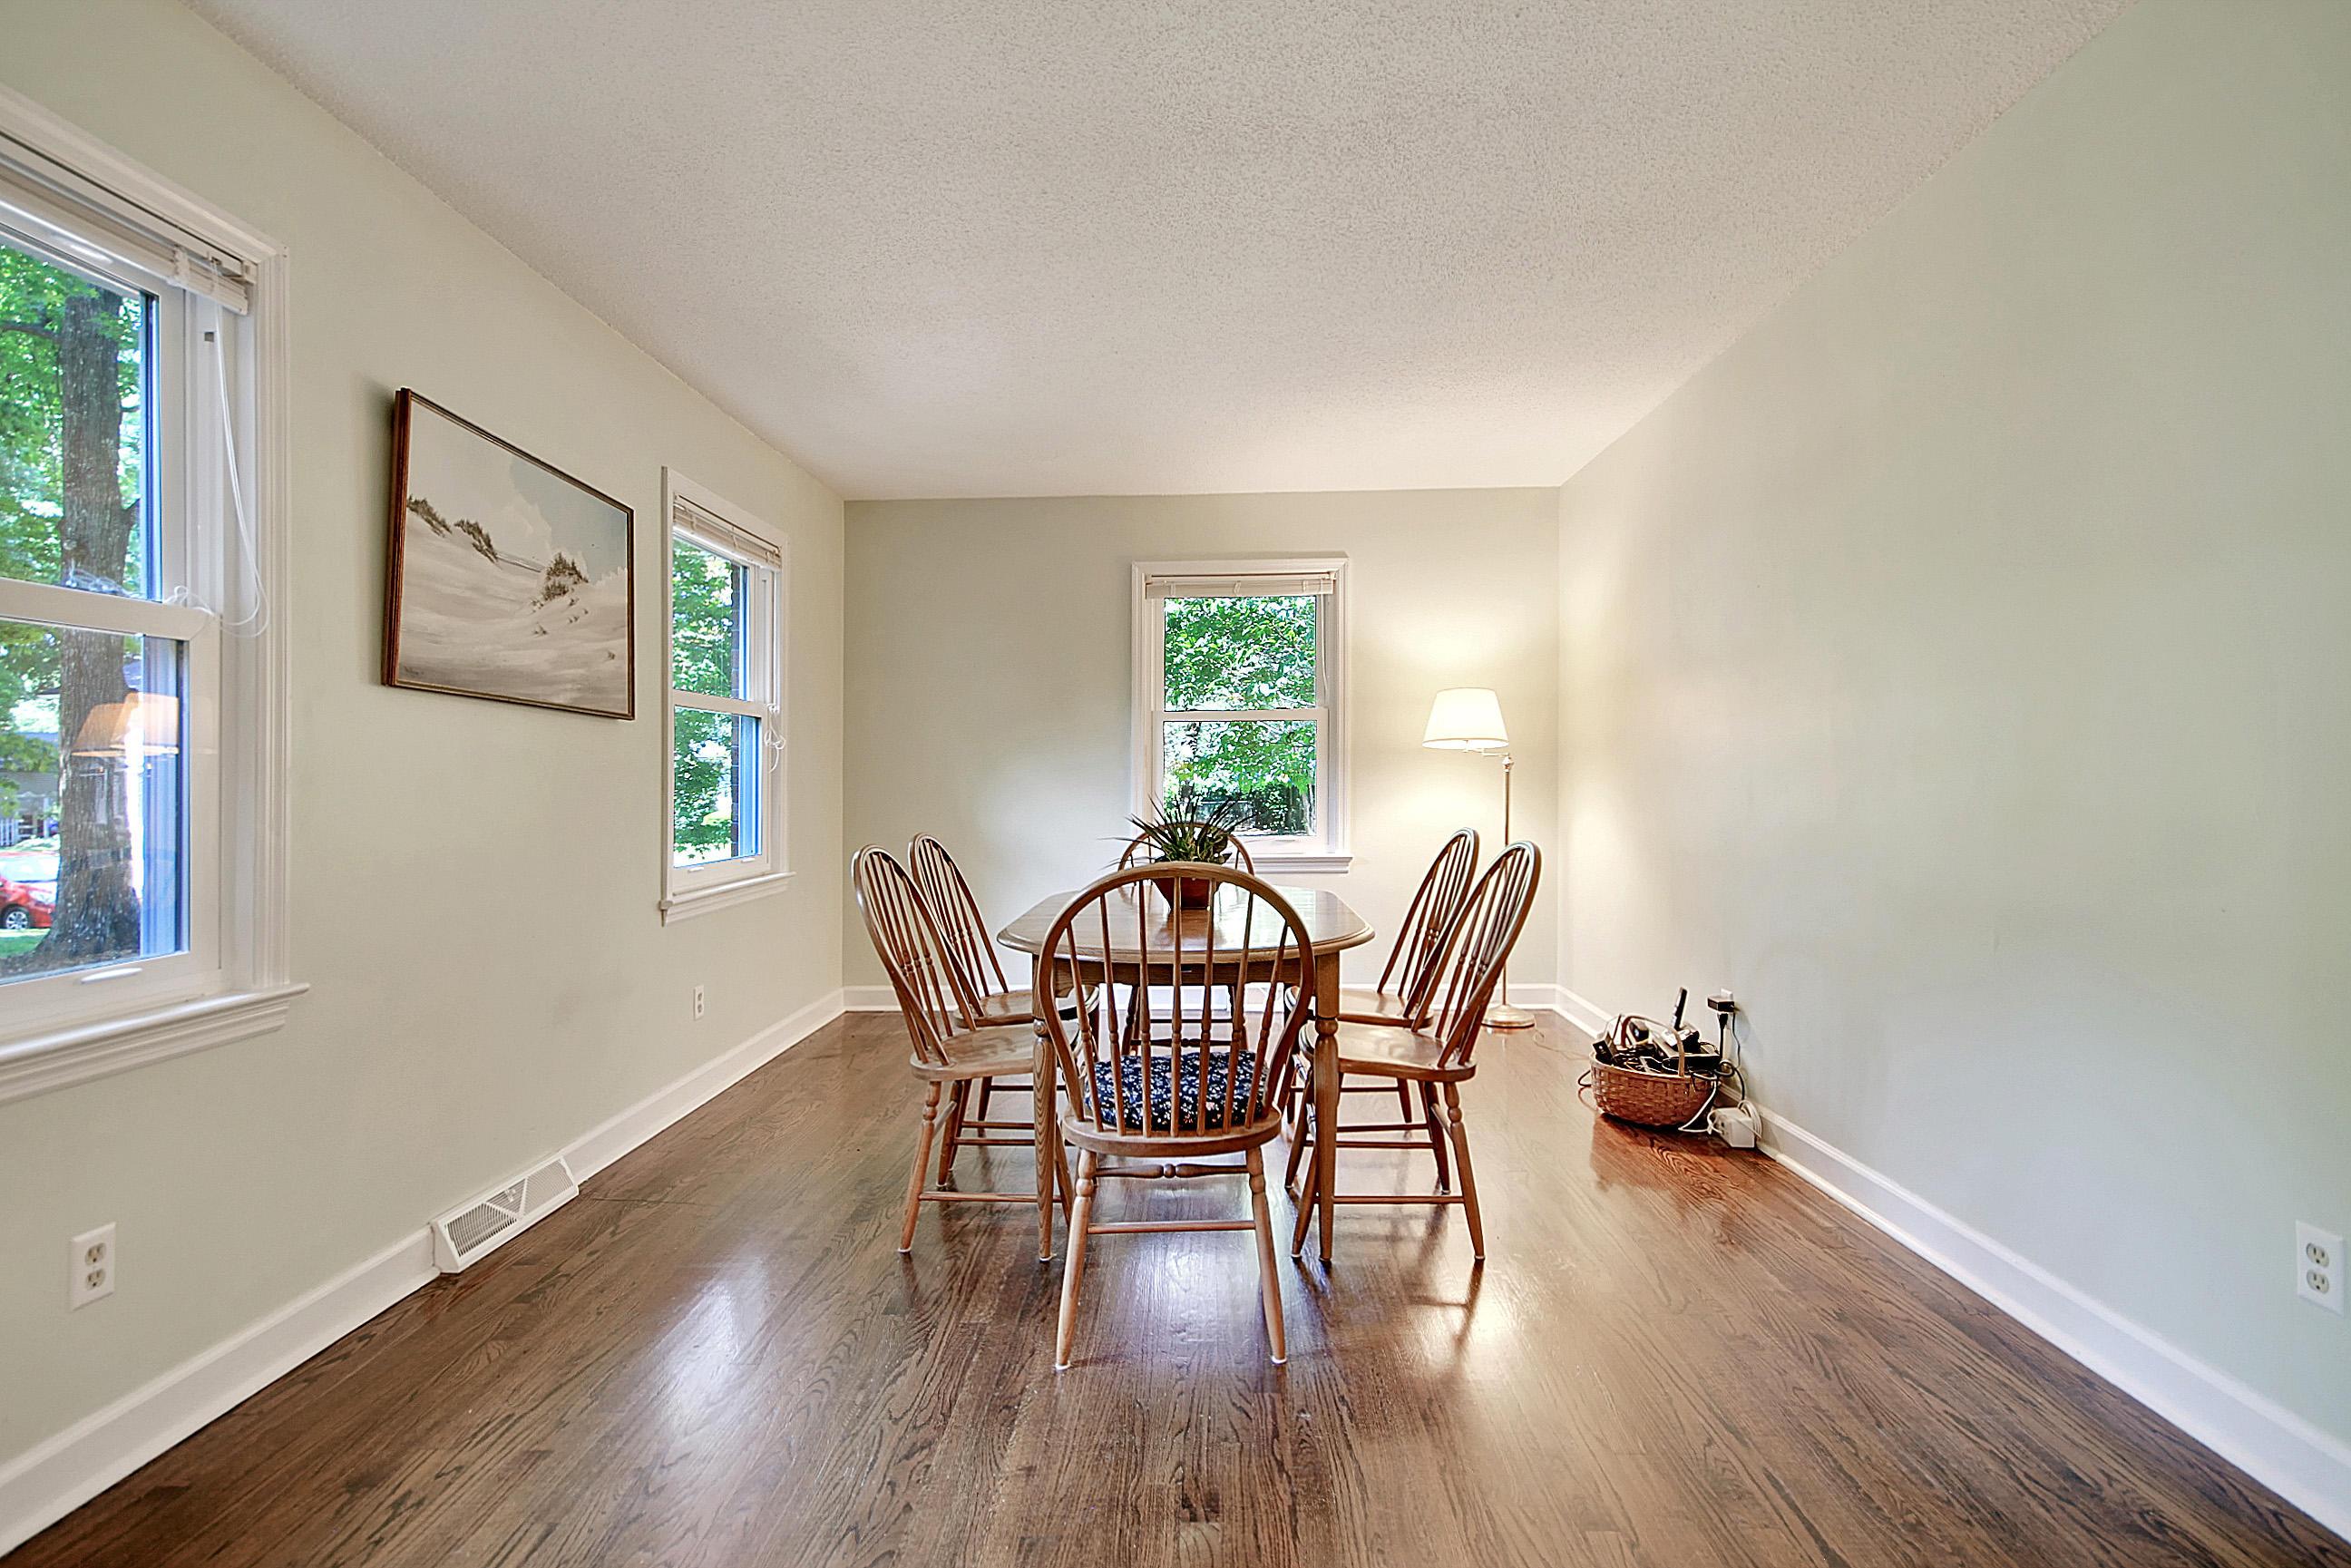 Parish Place Homes For Sale - 819 Abcaw, Mount Pleasant, SC - 4